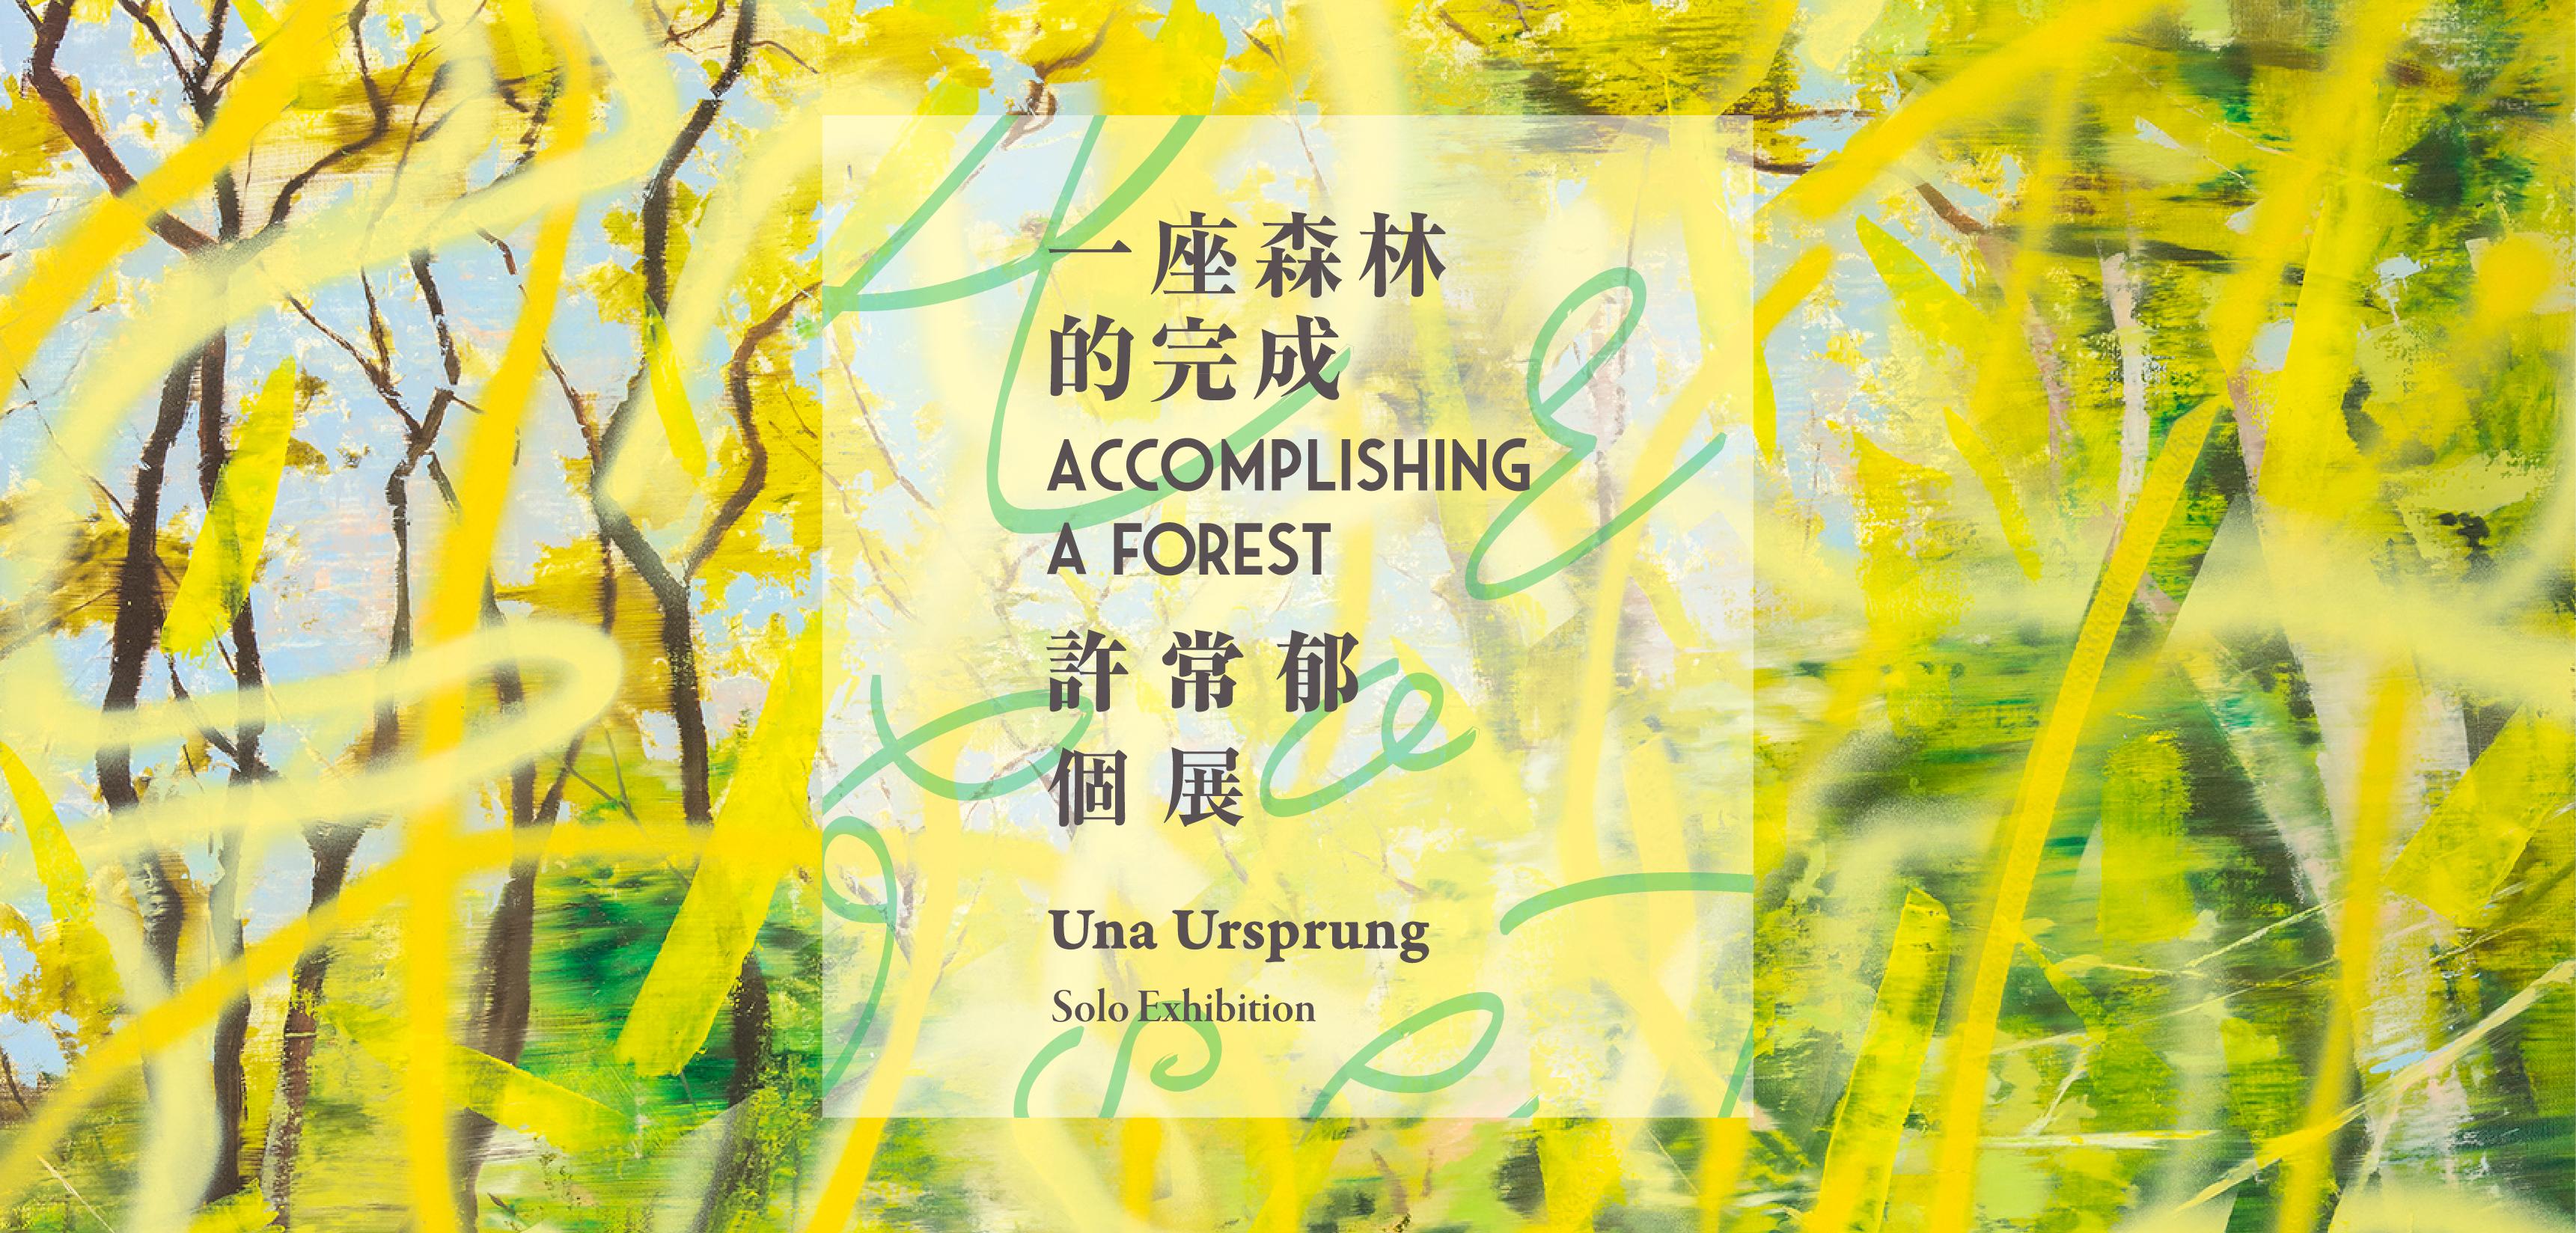 「一座森林的完成」許常郁個展